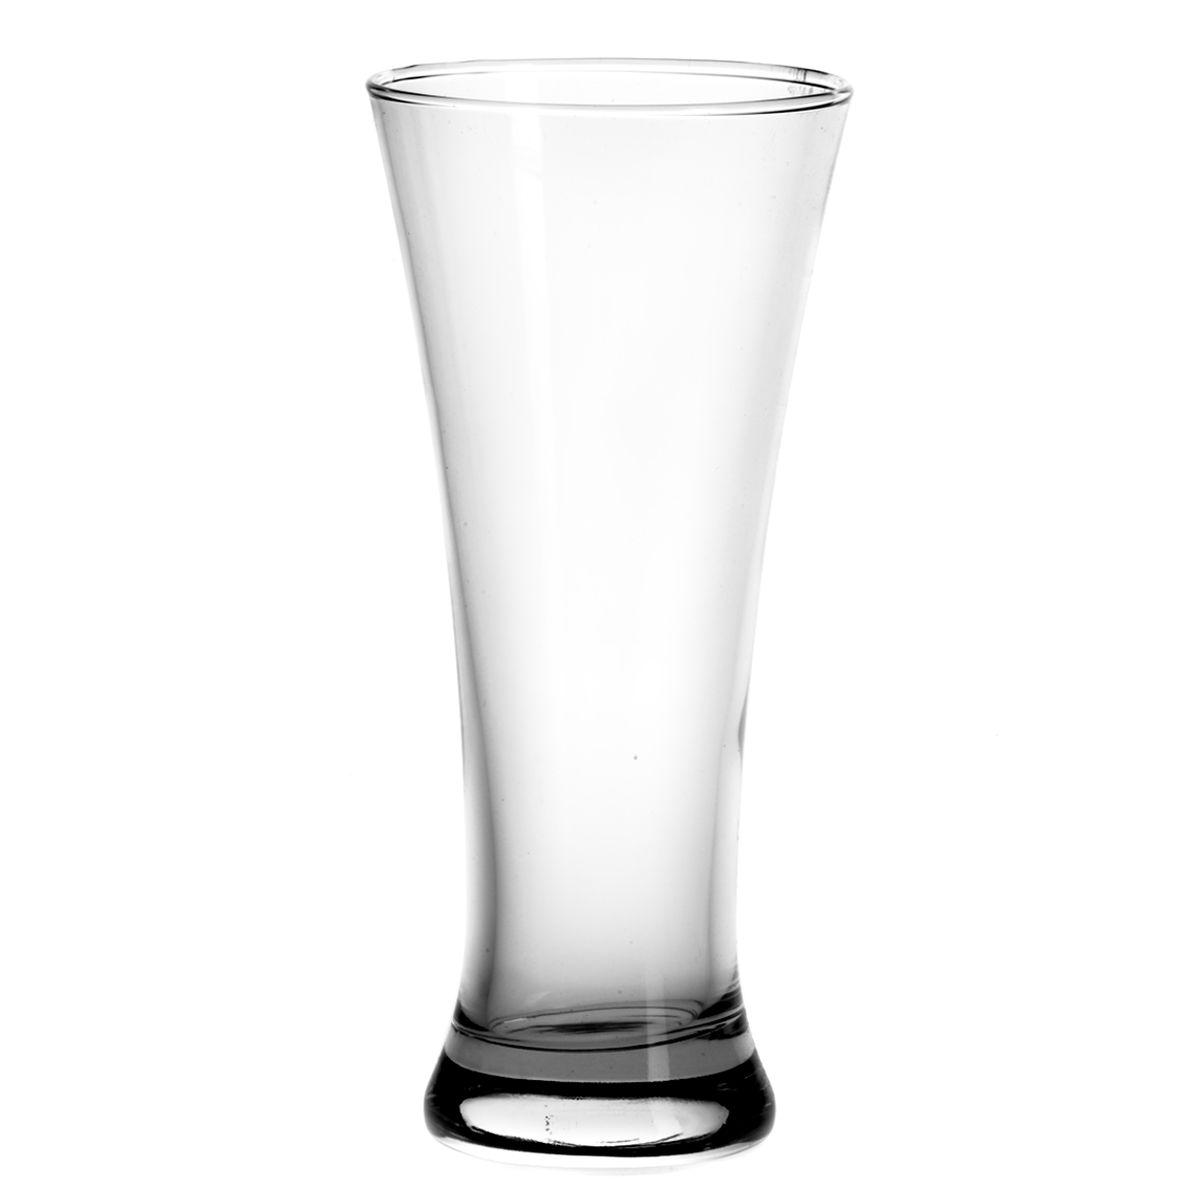 Набор бокалов для пива Pasabahce Pub, 500 мл, 3 шт41886B/Набор Pasabahce Pub состоит из трех бокалов, выполненных из прочного натрий-кальций- силикатного стекла конусообразной формы. Бокалы прекрасно подходят для подачи пива. Функциональность, практичность и стильный дизайн сделают набор прекрасным дополнением к вашей коллекции посуды. Можно мыть в посудомоечной машине и использовать в микроволновой печи. Диаметр бокала (по верхнему краю): 9,5 см. Высота бокала: 21,5 см.